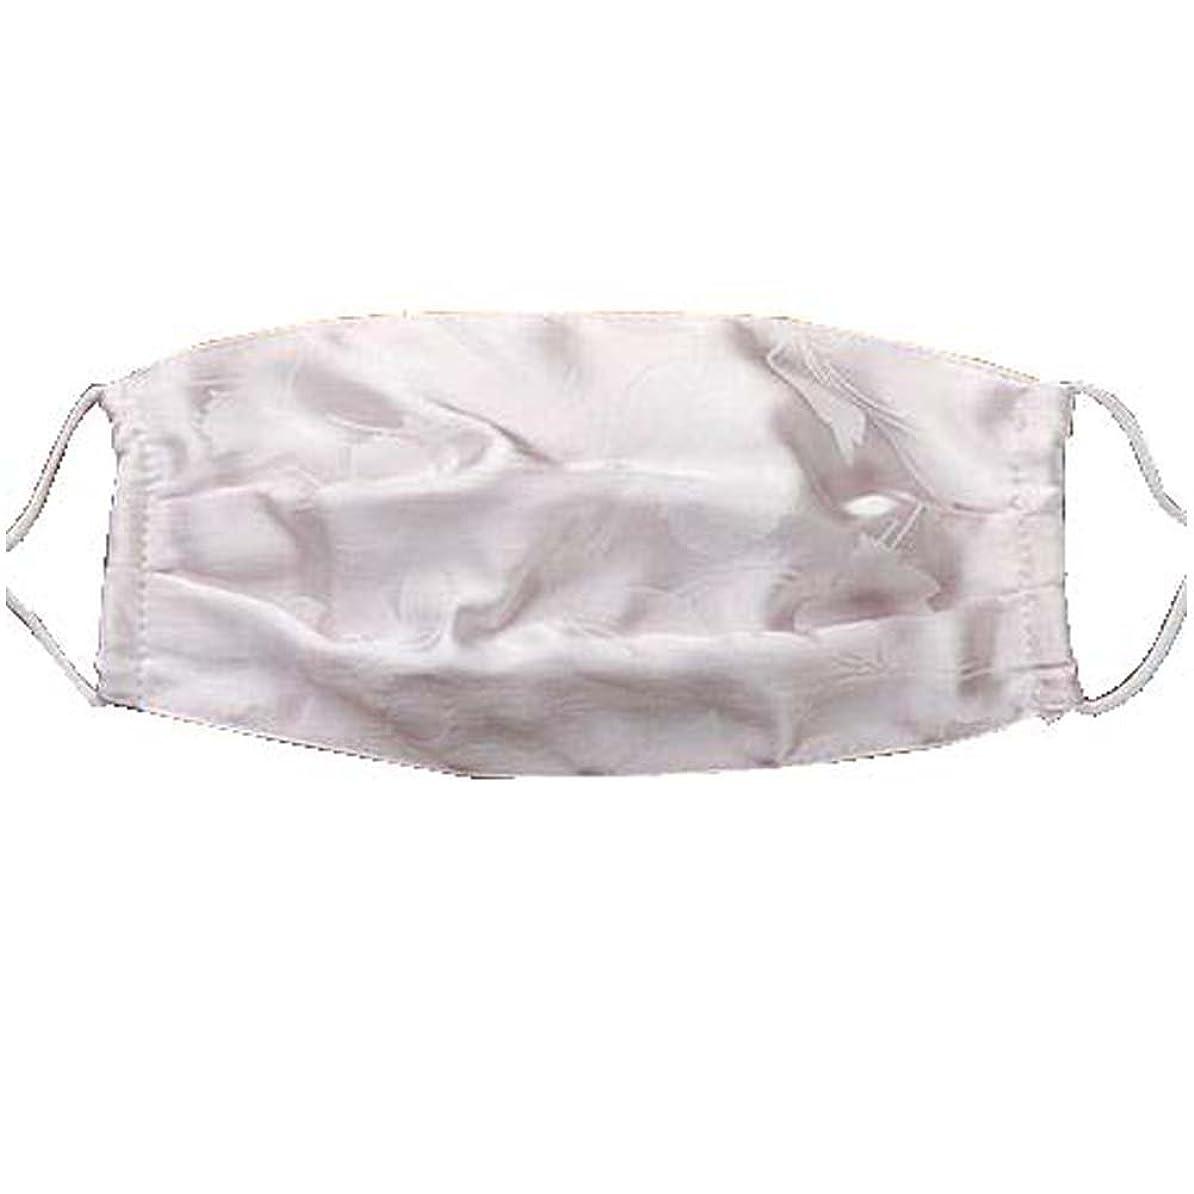 魅力的であることへのアピール暴力猛烈な口腔マスクダストマスク抗汚染活性炭フィルターインサートシルクマスク